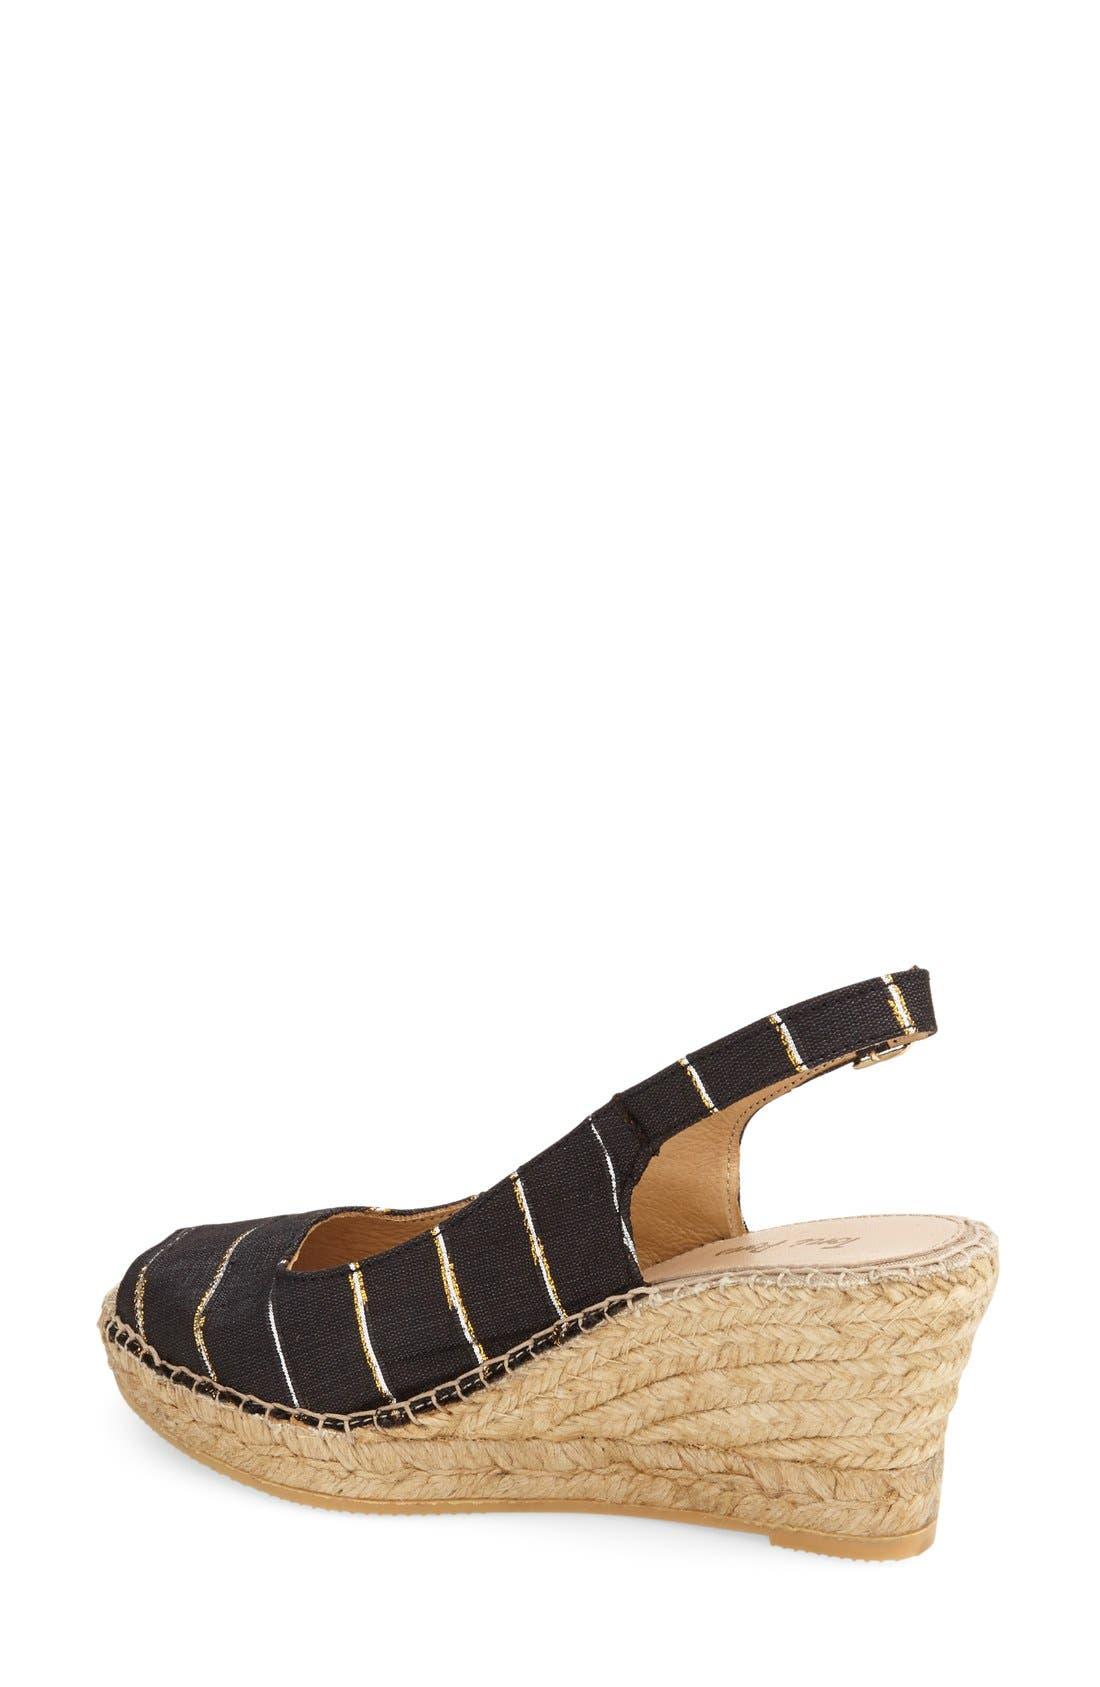 Alternate Image 2  - Toni Pons 'Carmina' Silk Slingback Wedge Sandal (Women)